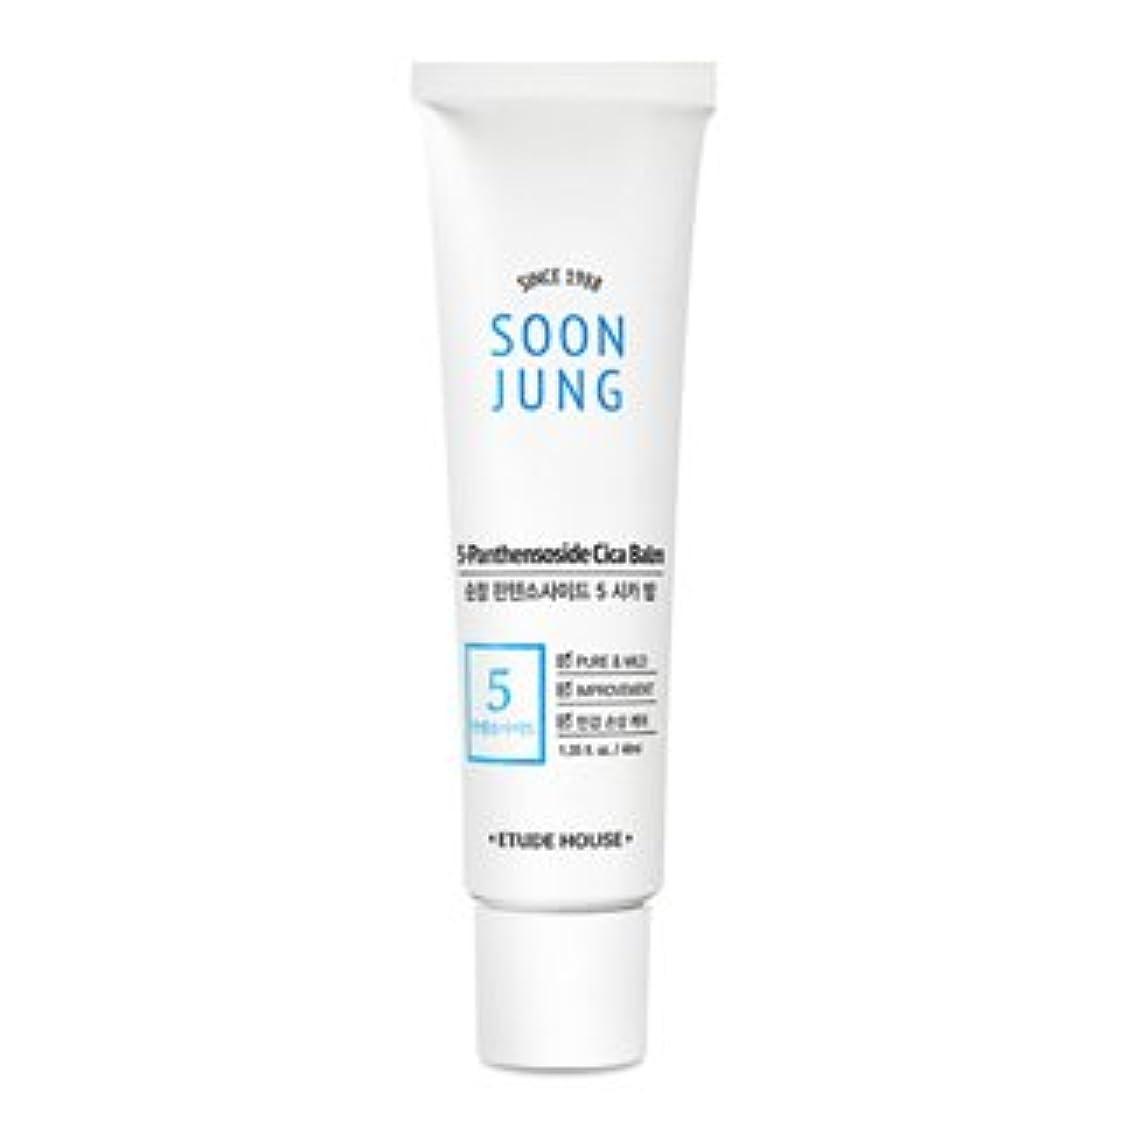 後方に一握り消毒する[New] ETUDE HOUSE Soon Jung 5-Panthensoside Cica Balm/エチュードハウス スンジョン 5-パンテンソシド シカ バーム (40ml) [並行輸入品]